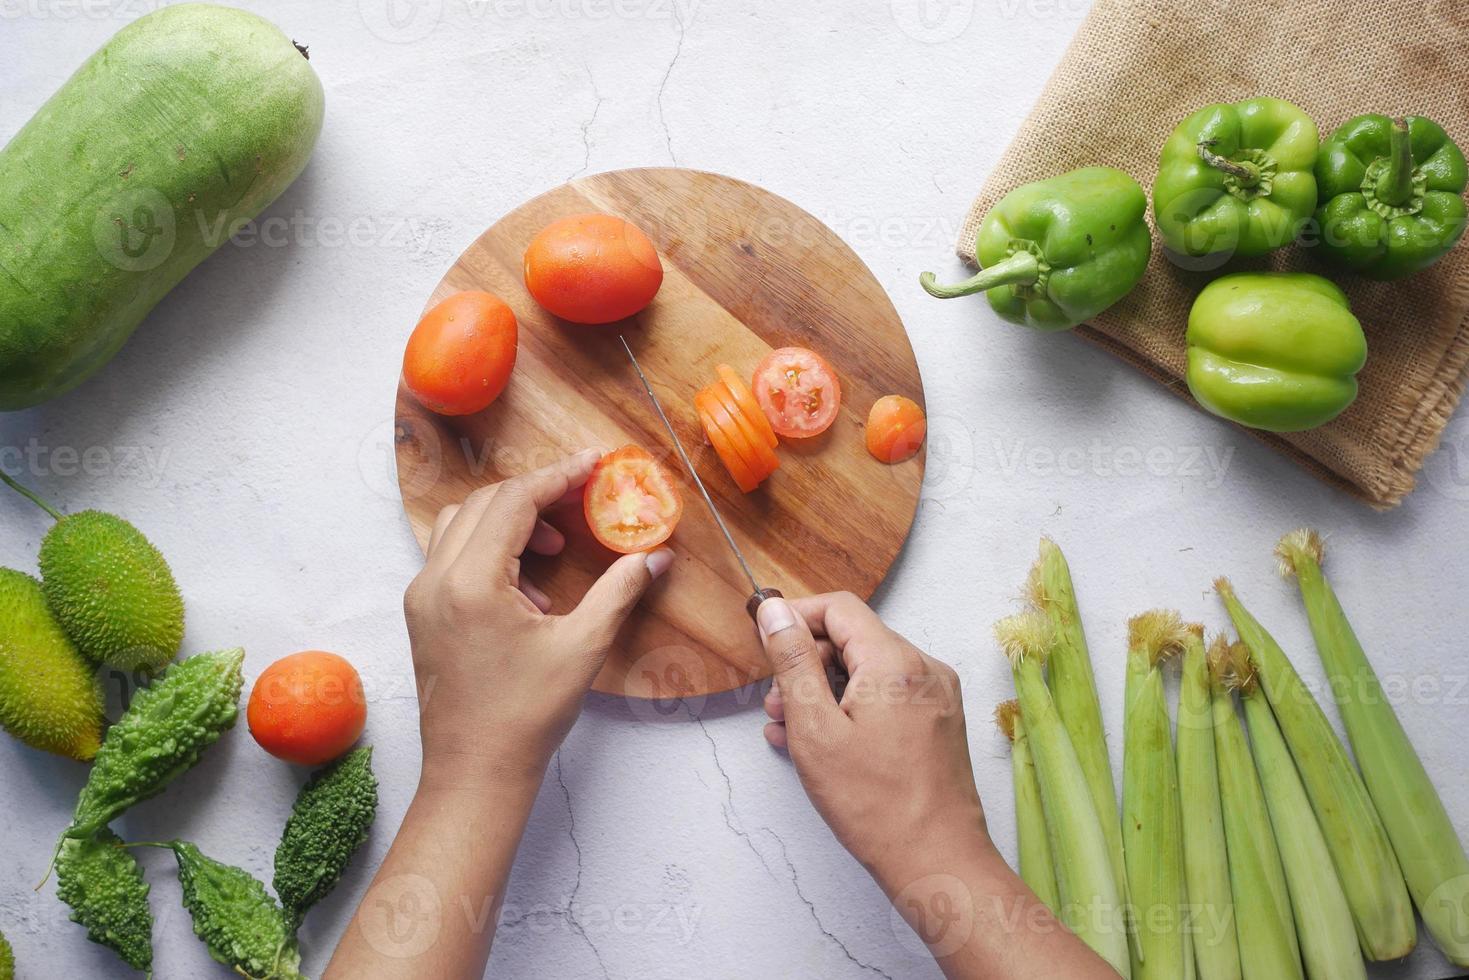 main de personne coupant des tomates sur une planche à découper photo